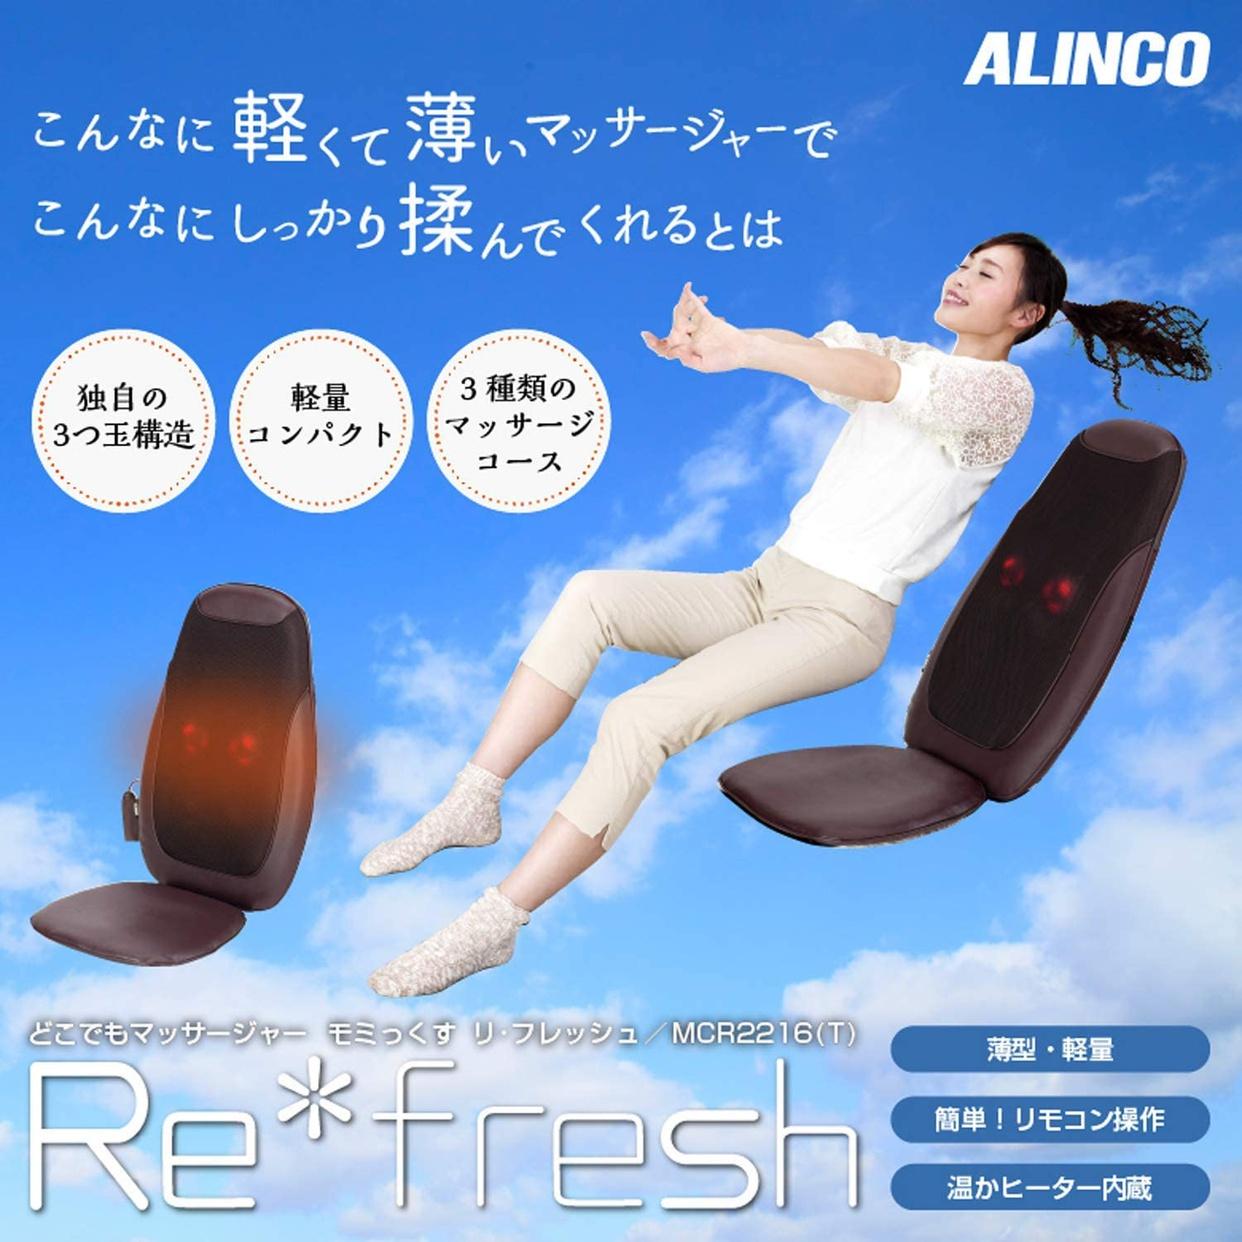 ALINCO(アルインコ) どこでもマッサージャー モミっくす Re・フレッシュの商品画像2